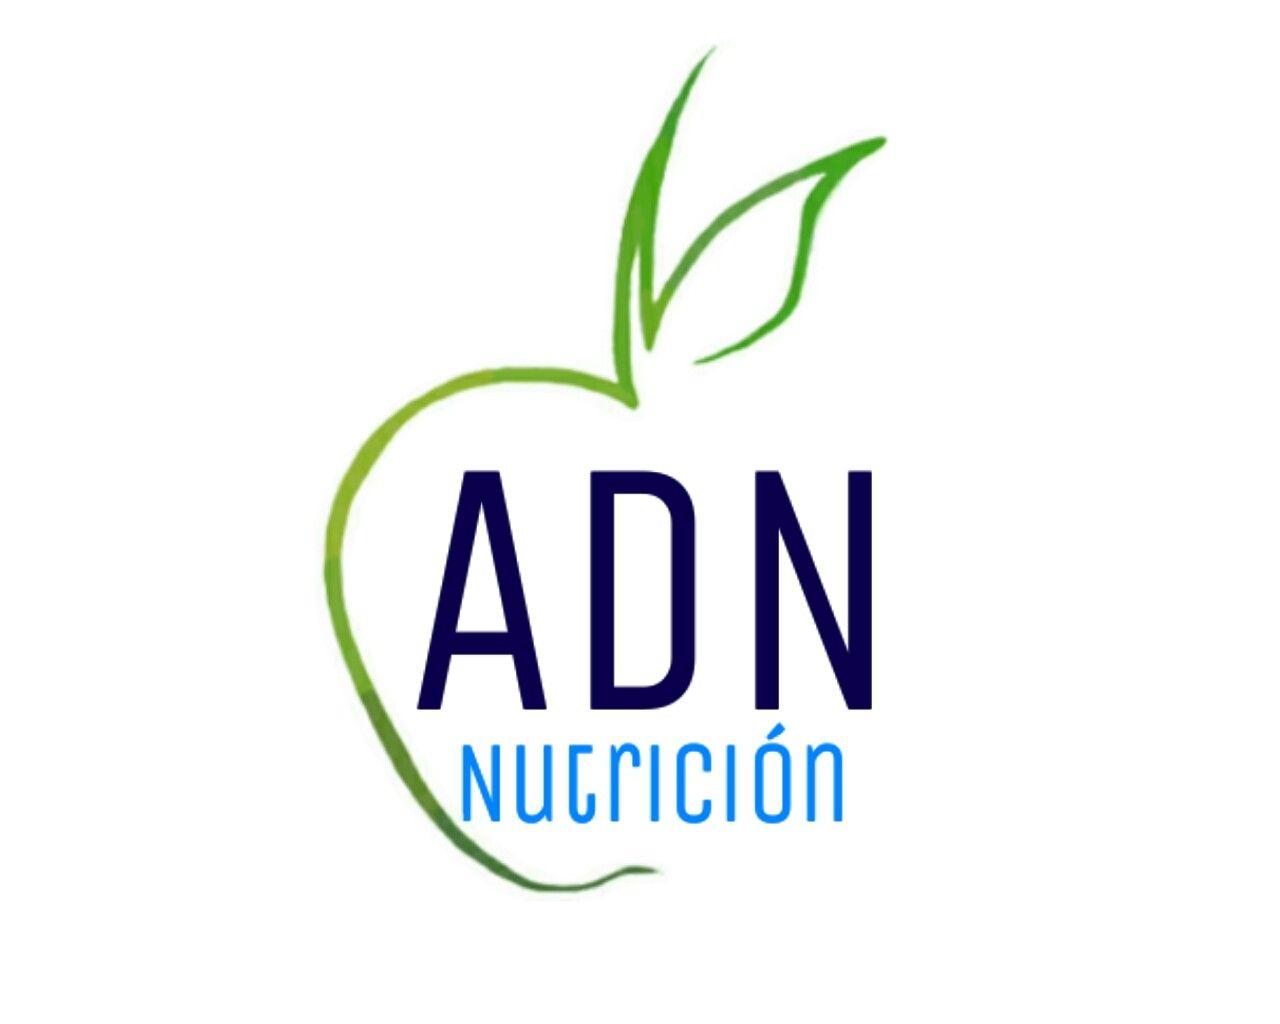 ADN clinica de nutrición y dietética